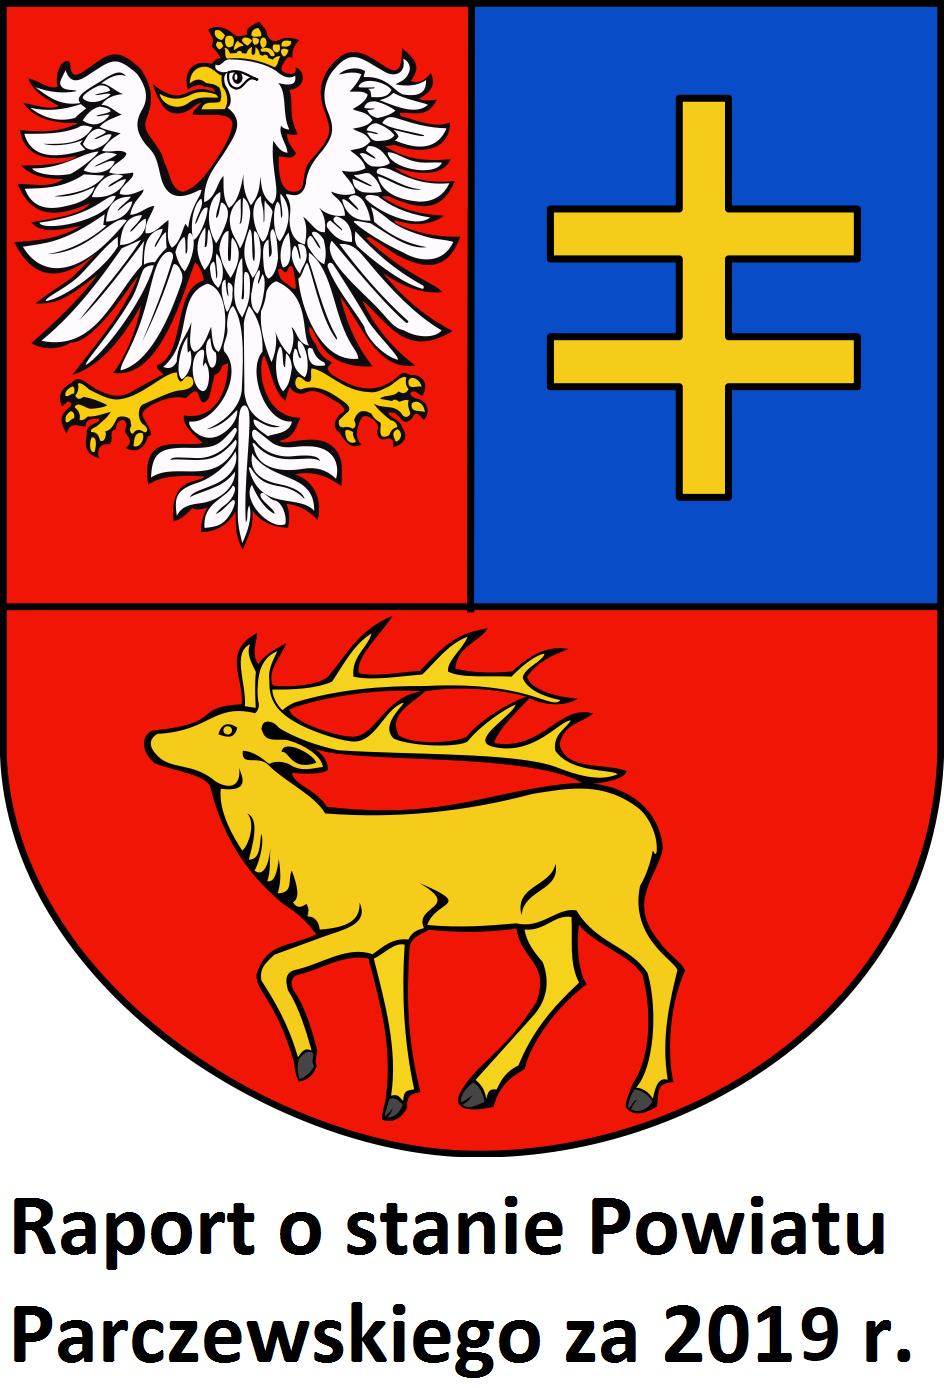 Raport o stanie Powiatu Parczewskiego za 2019 r.